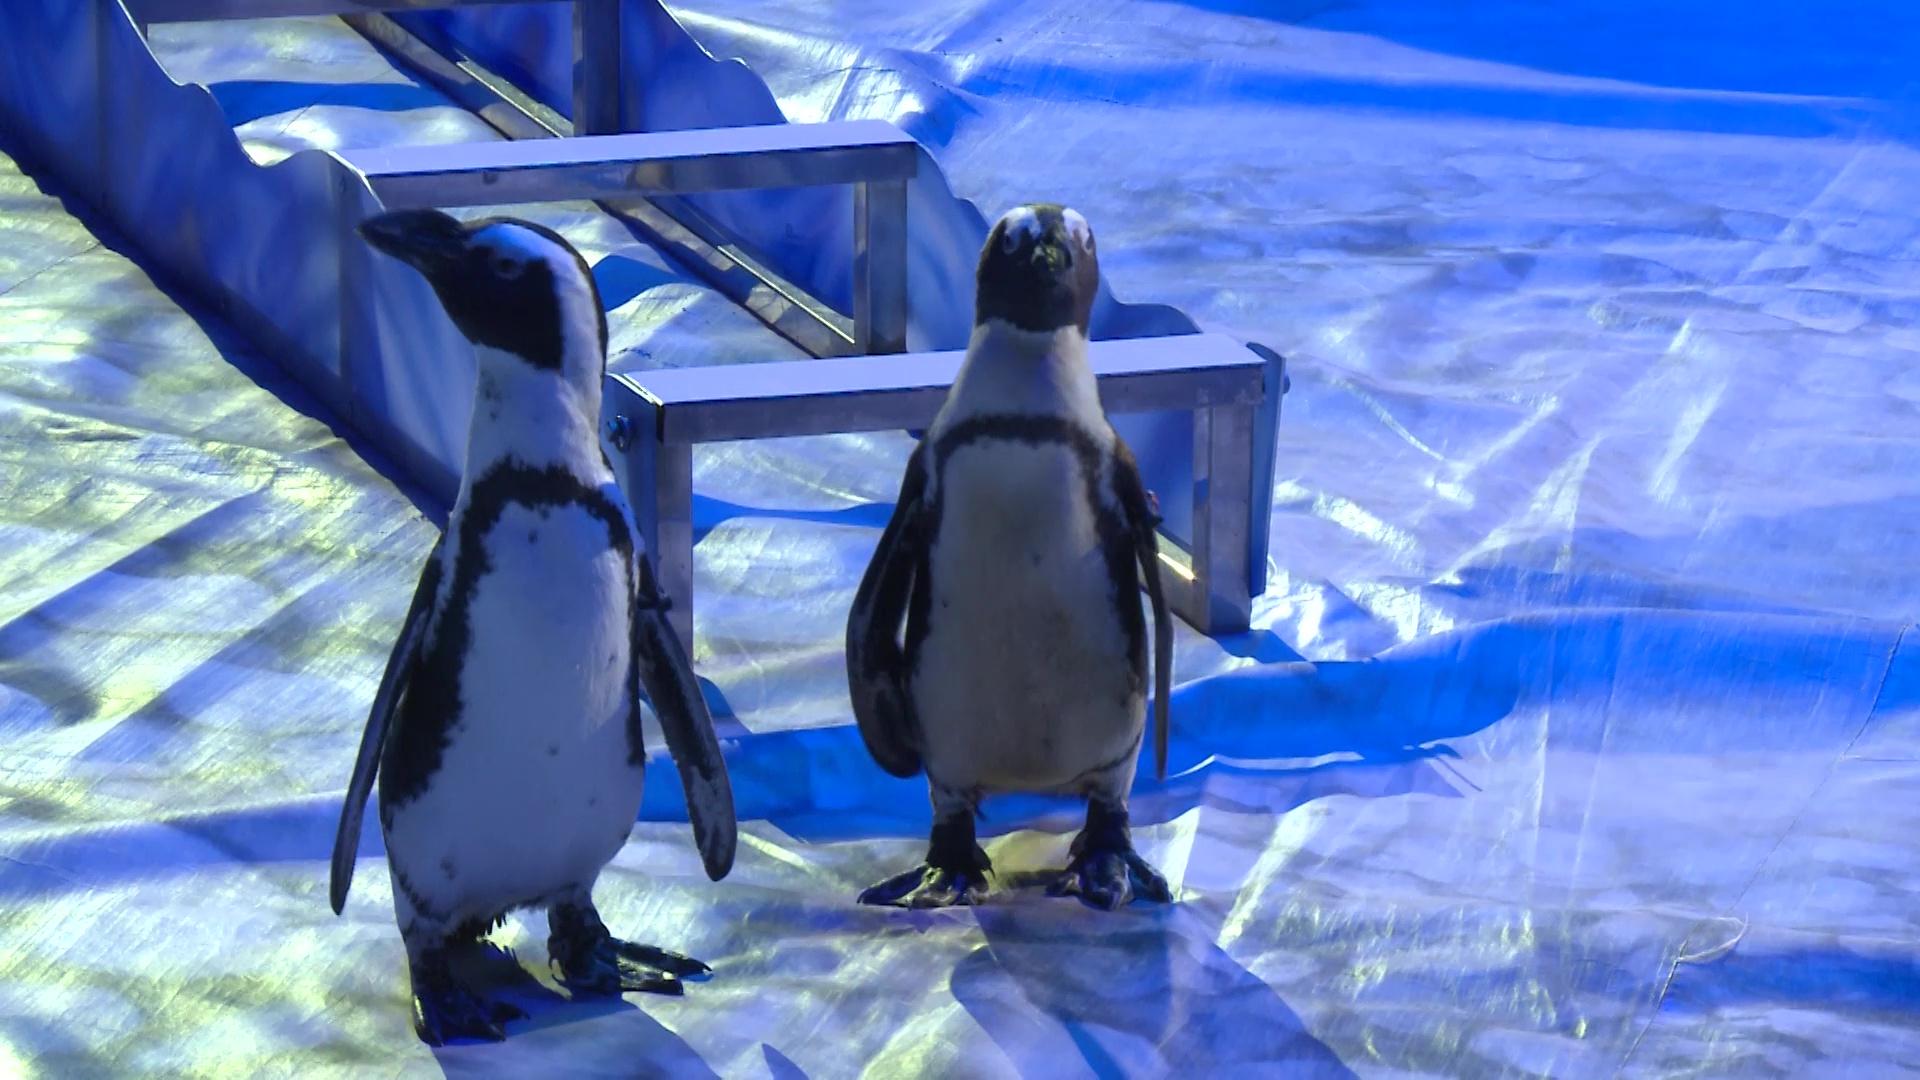 В ярославском цирке стартовала программа с дрессированными пингвинами